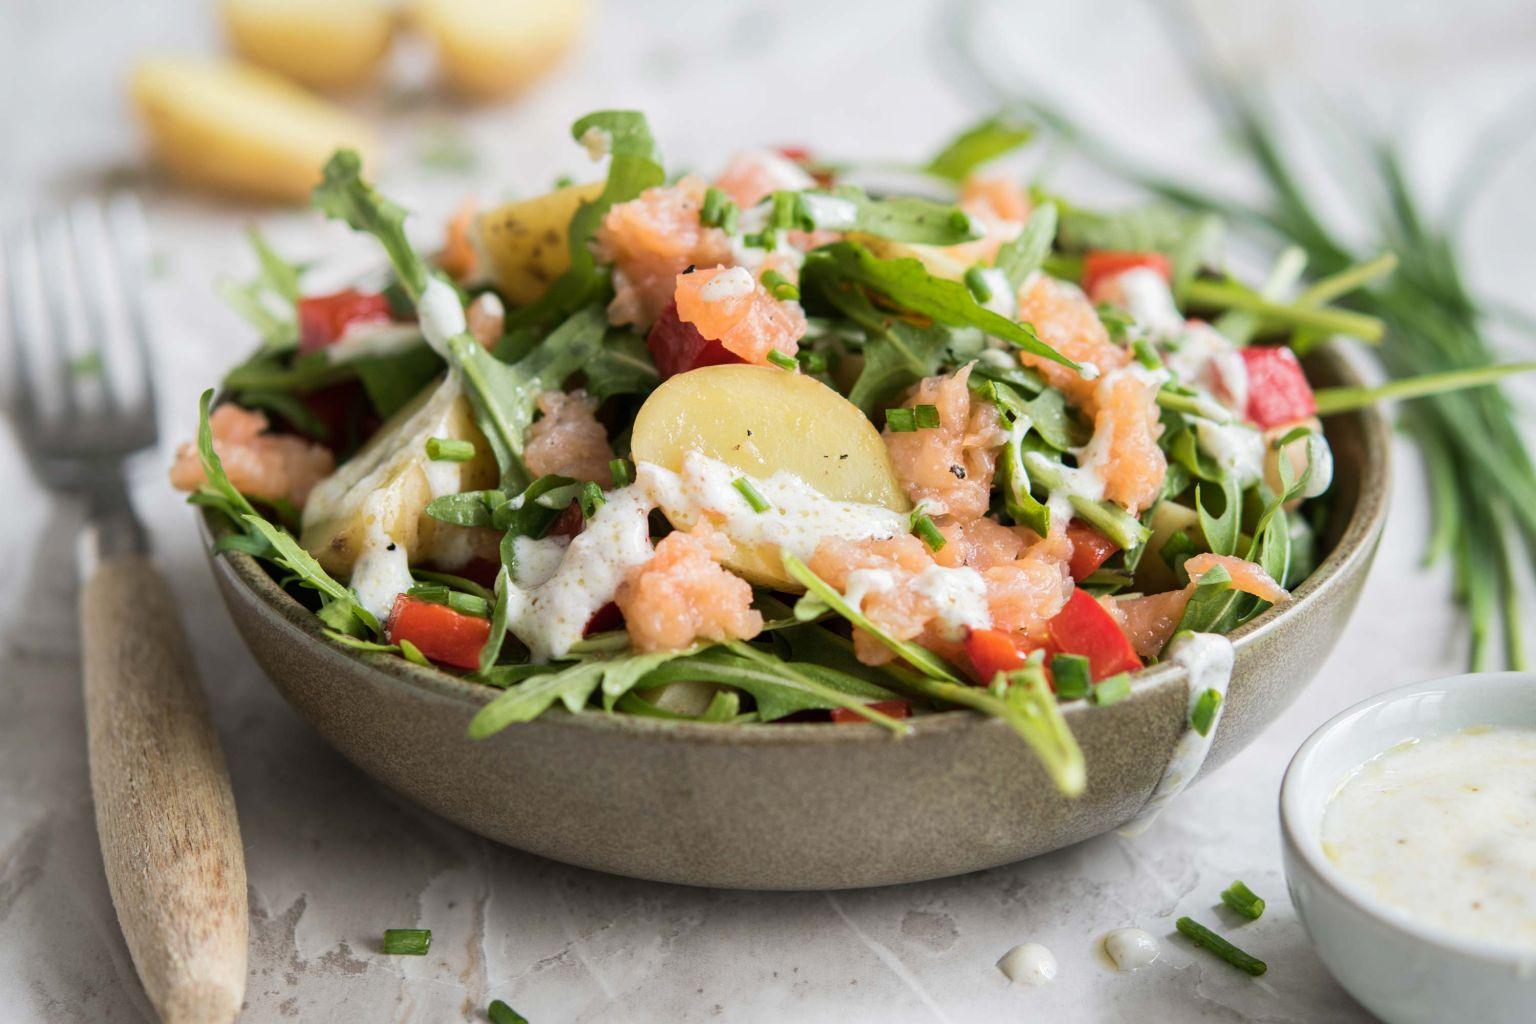 Salade de grenailles au saumon fumé aux baies roses, sauce au yaourt